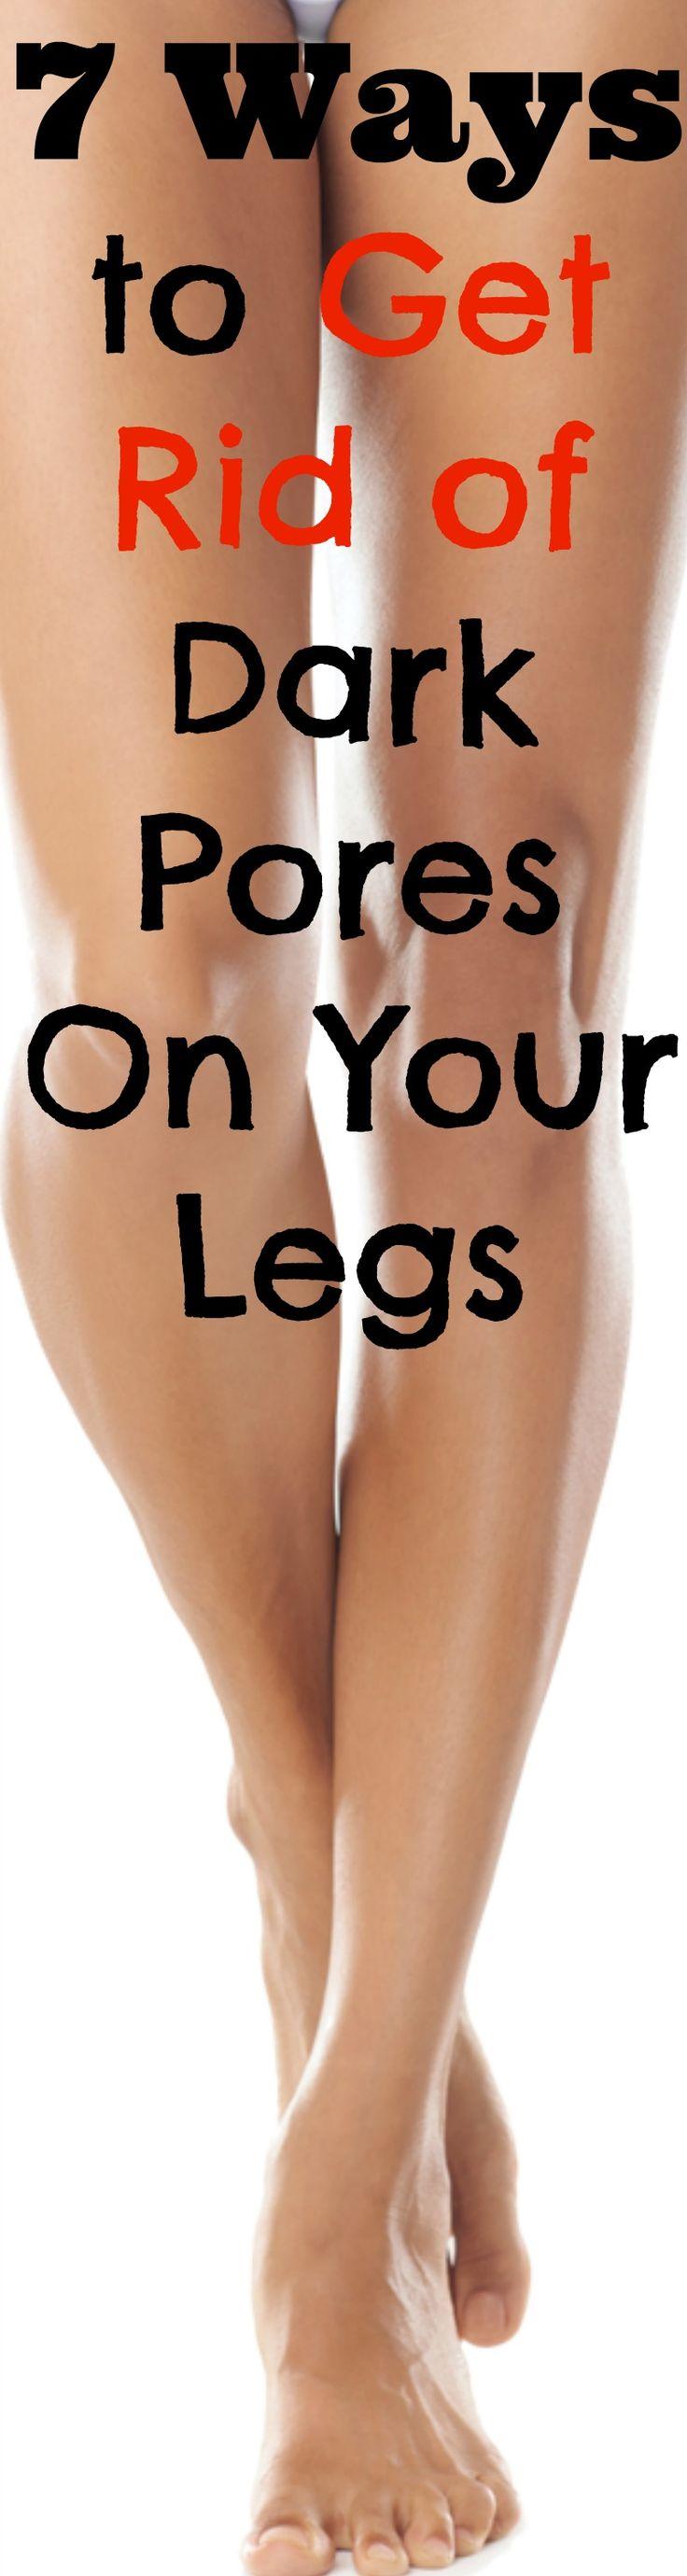 7 Ways to Get Rid of Dark Pores On Legs